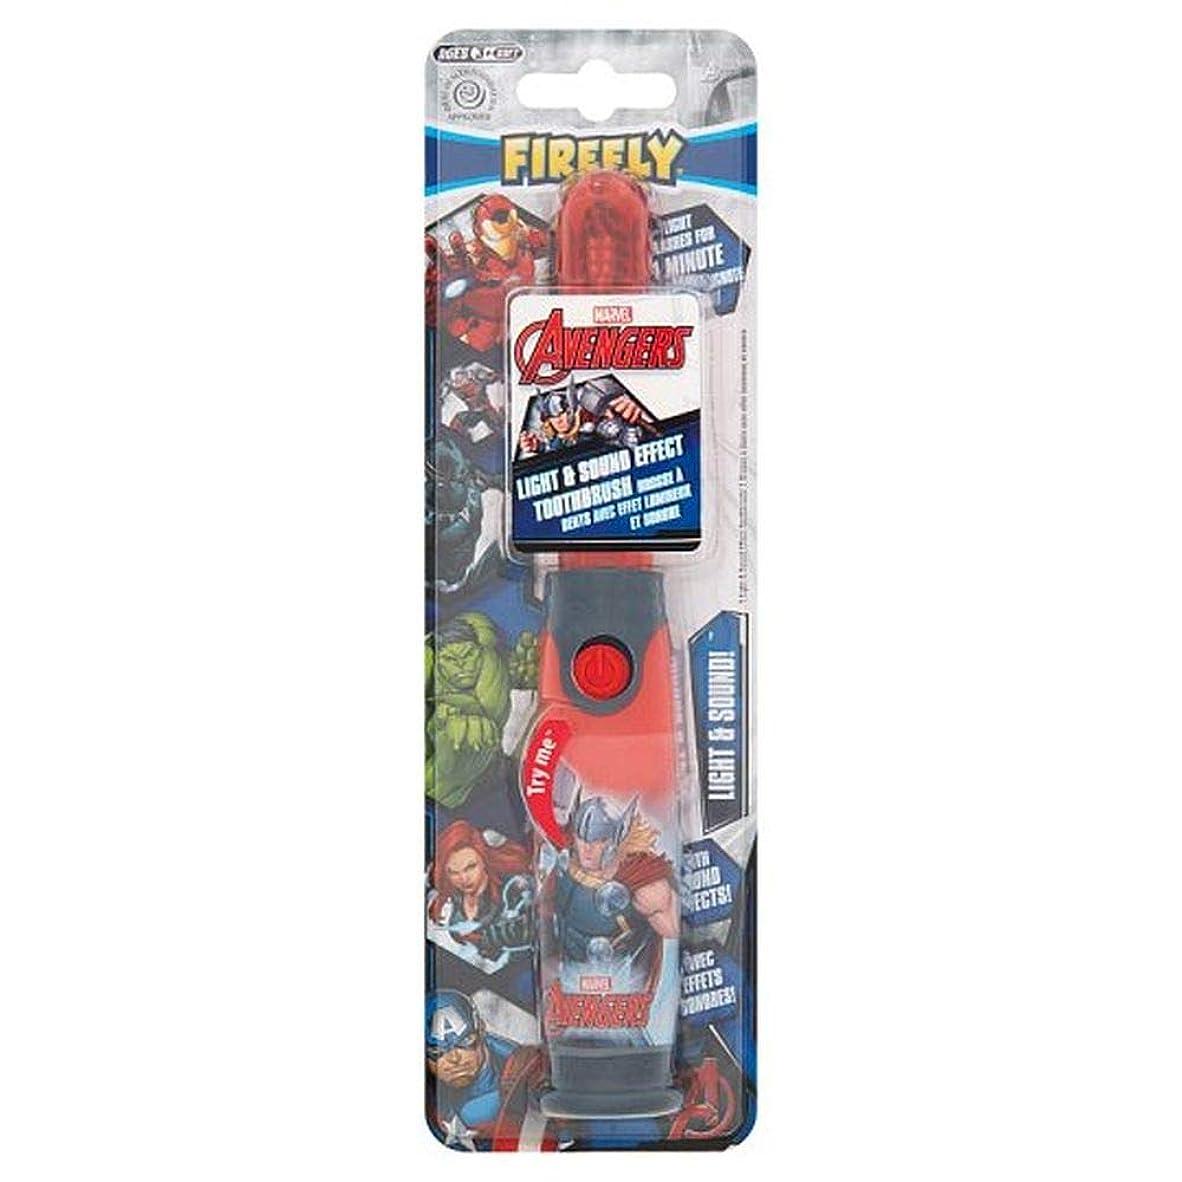 残酷溢れんばかりの奴隷[Firefly ] アベンジャーズホタルの光と音の歯ブラシ - Avengers Firefly Light And Sound Toothbrush [並行輸入品]